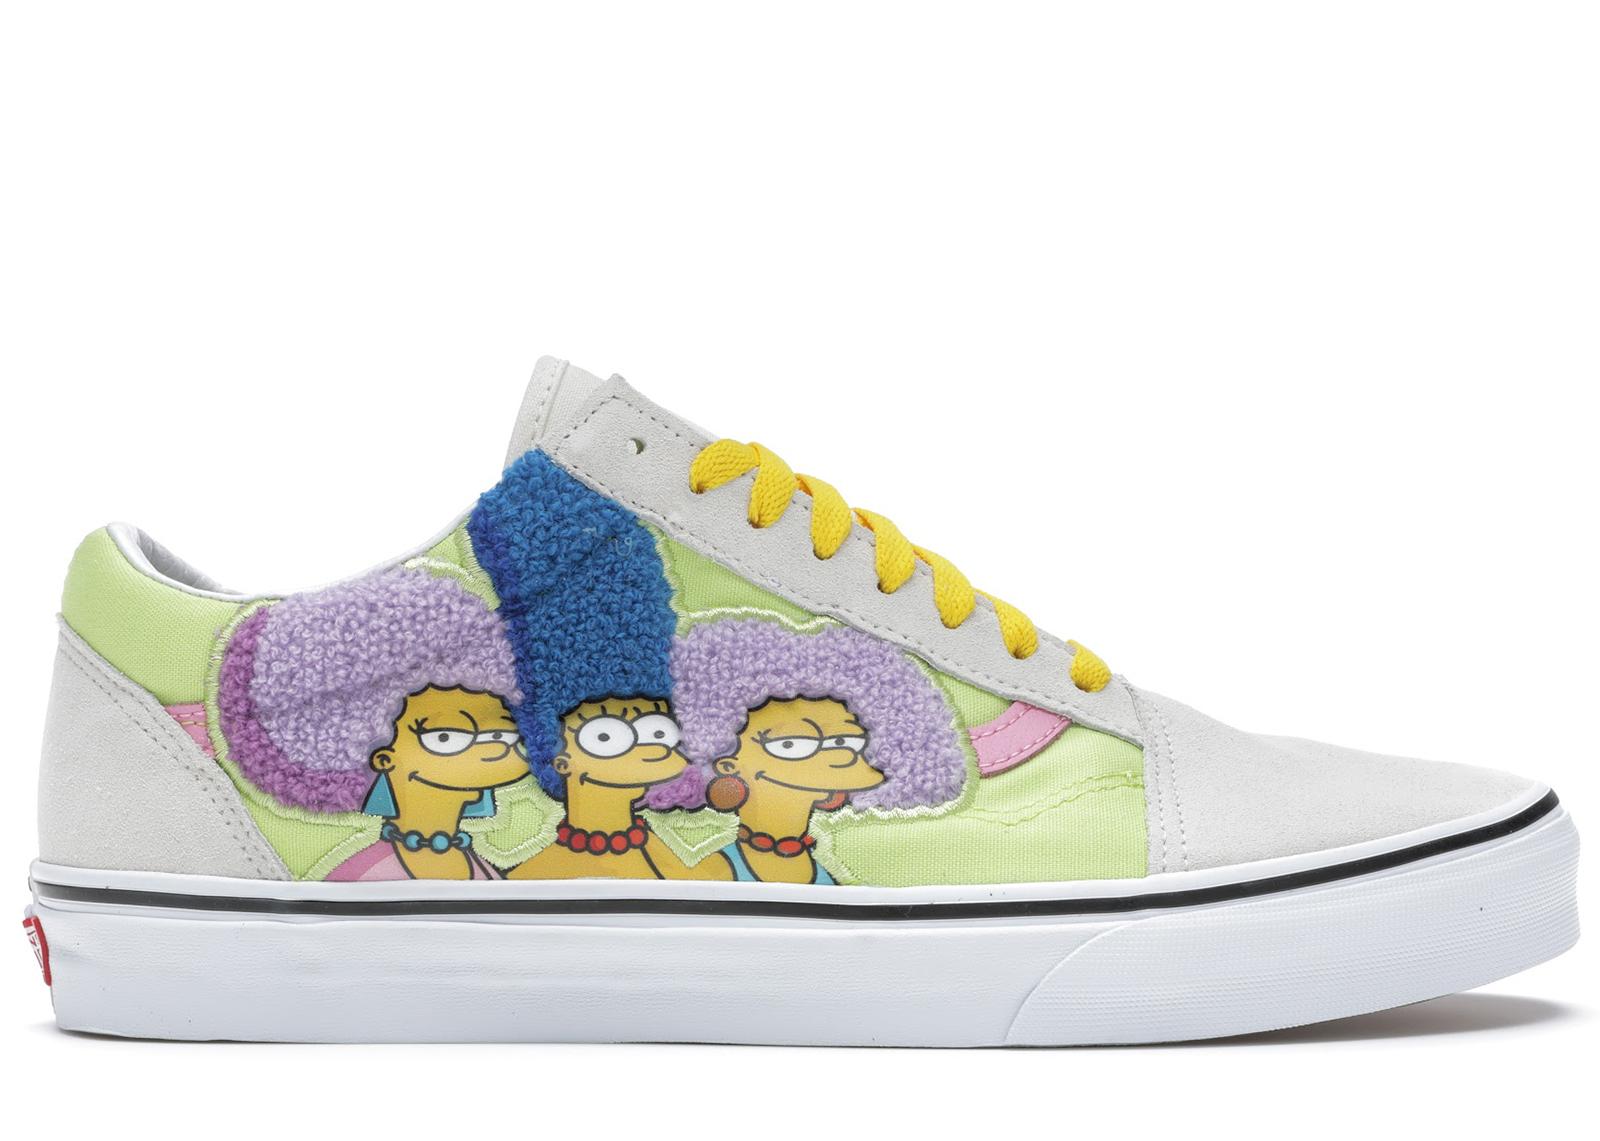 Vans Old Skool The Simpsons Bouvier Sisters